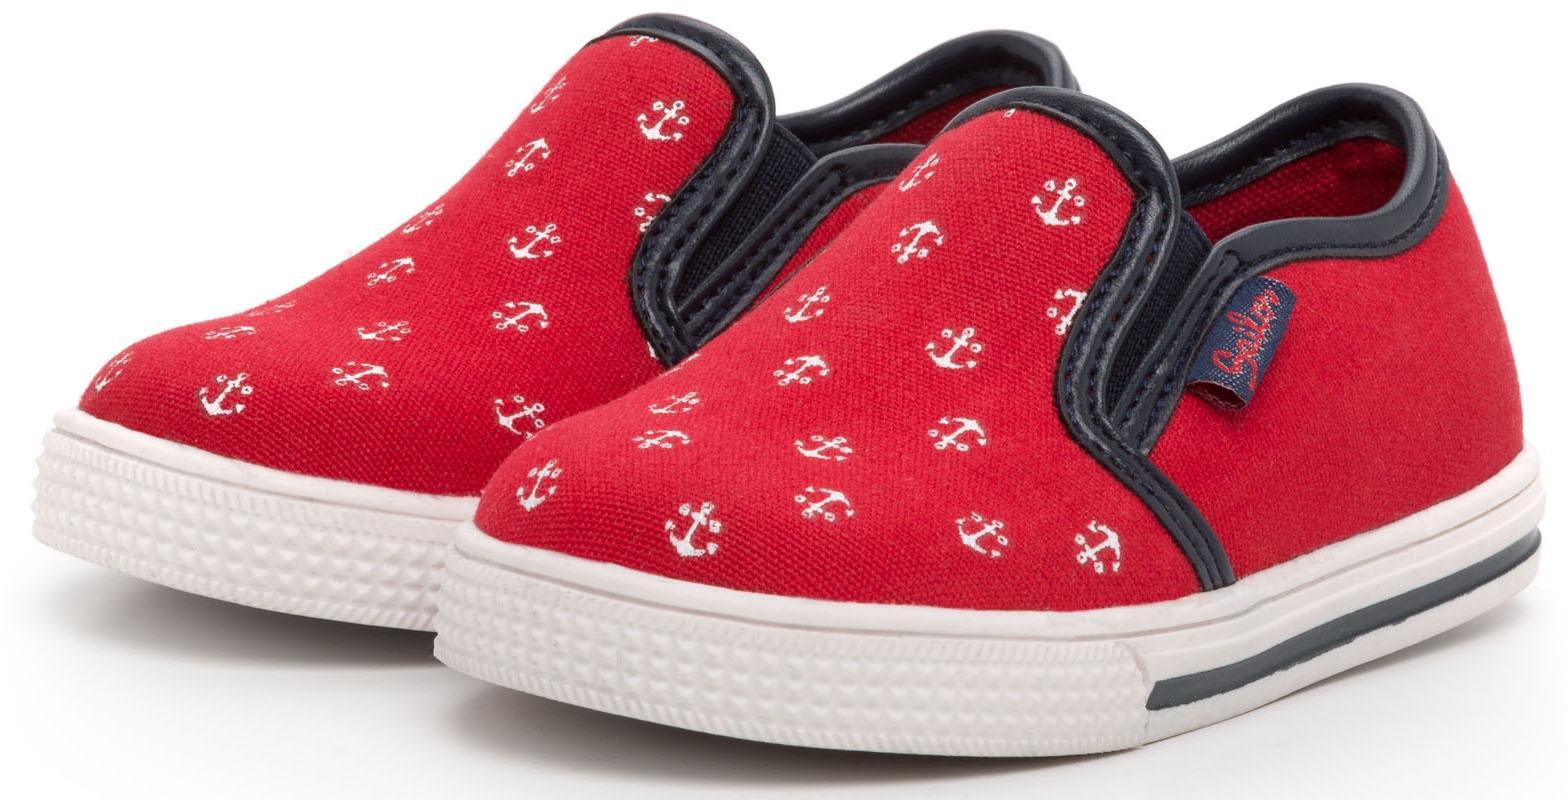 Фото - Кроссовки и кеды Barkito Полуботинки для мальчика Barkito, красные кроссовки и кеды barkito полуботинки для мальчика barkito красные